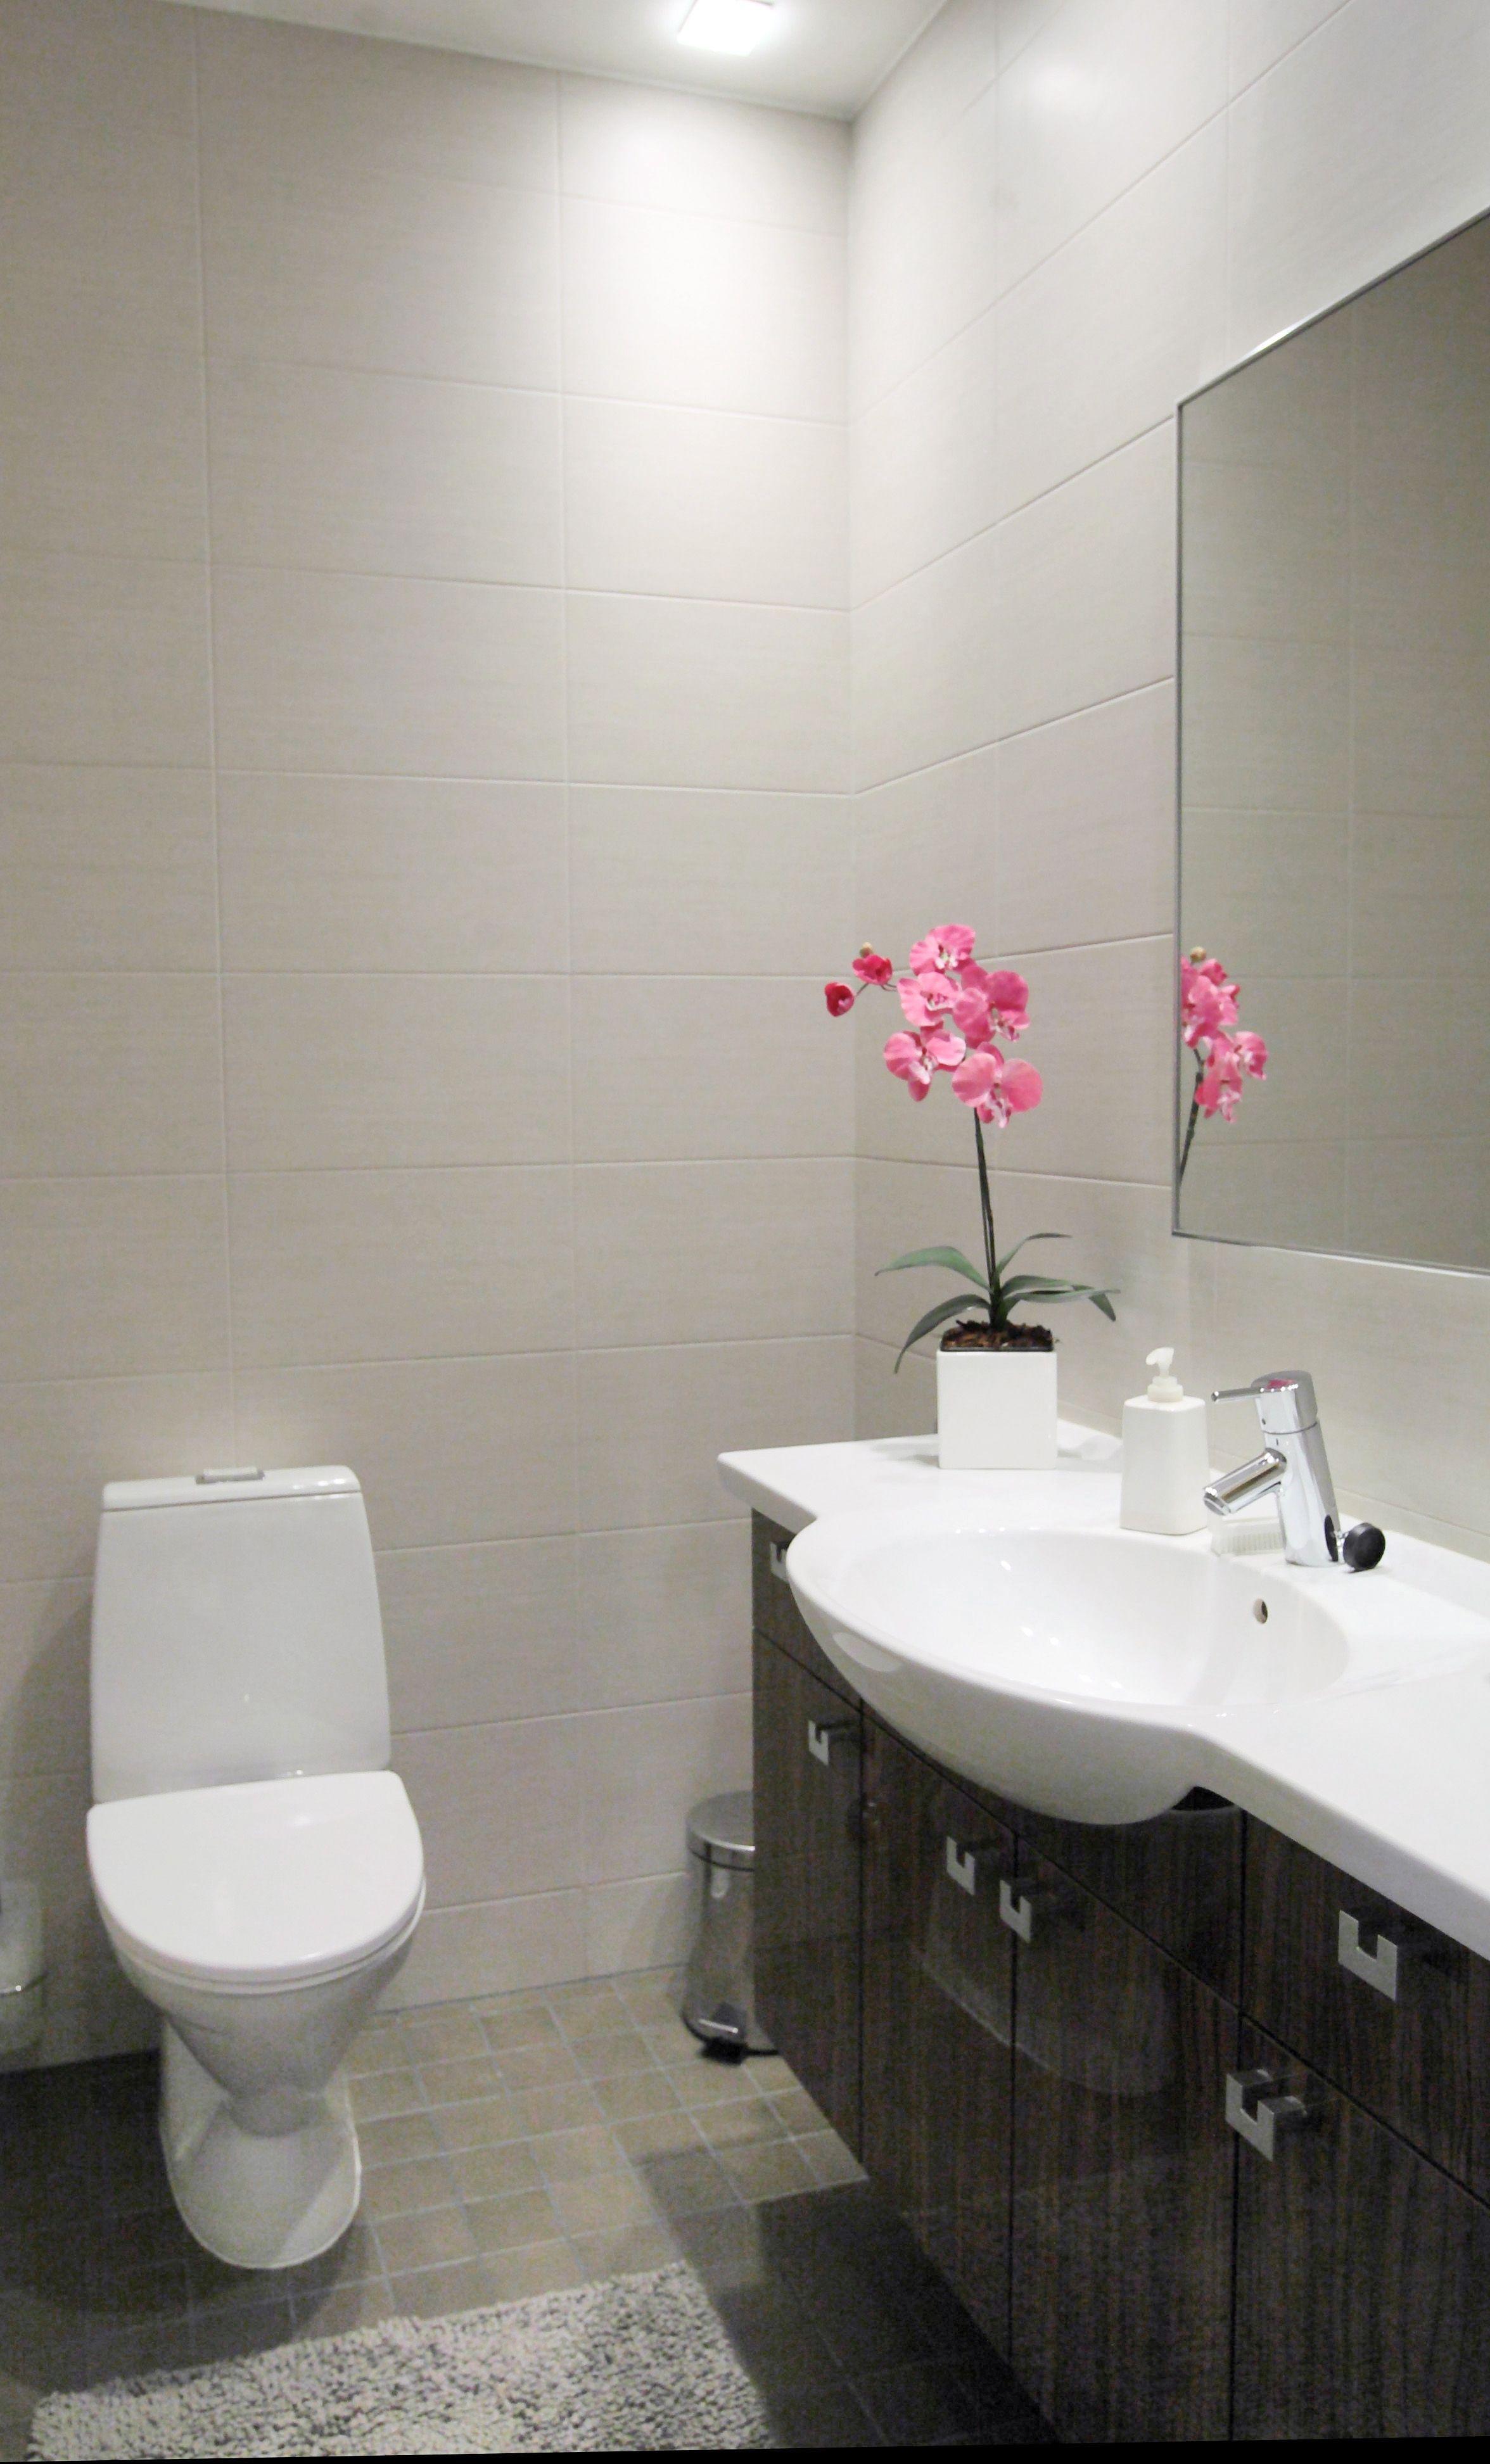 Rauhalliset S Vyt Kylpyhuoneessa #Harmaans Vyt #Vessa #Kylpyhuone #Laatat #Abl